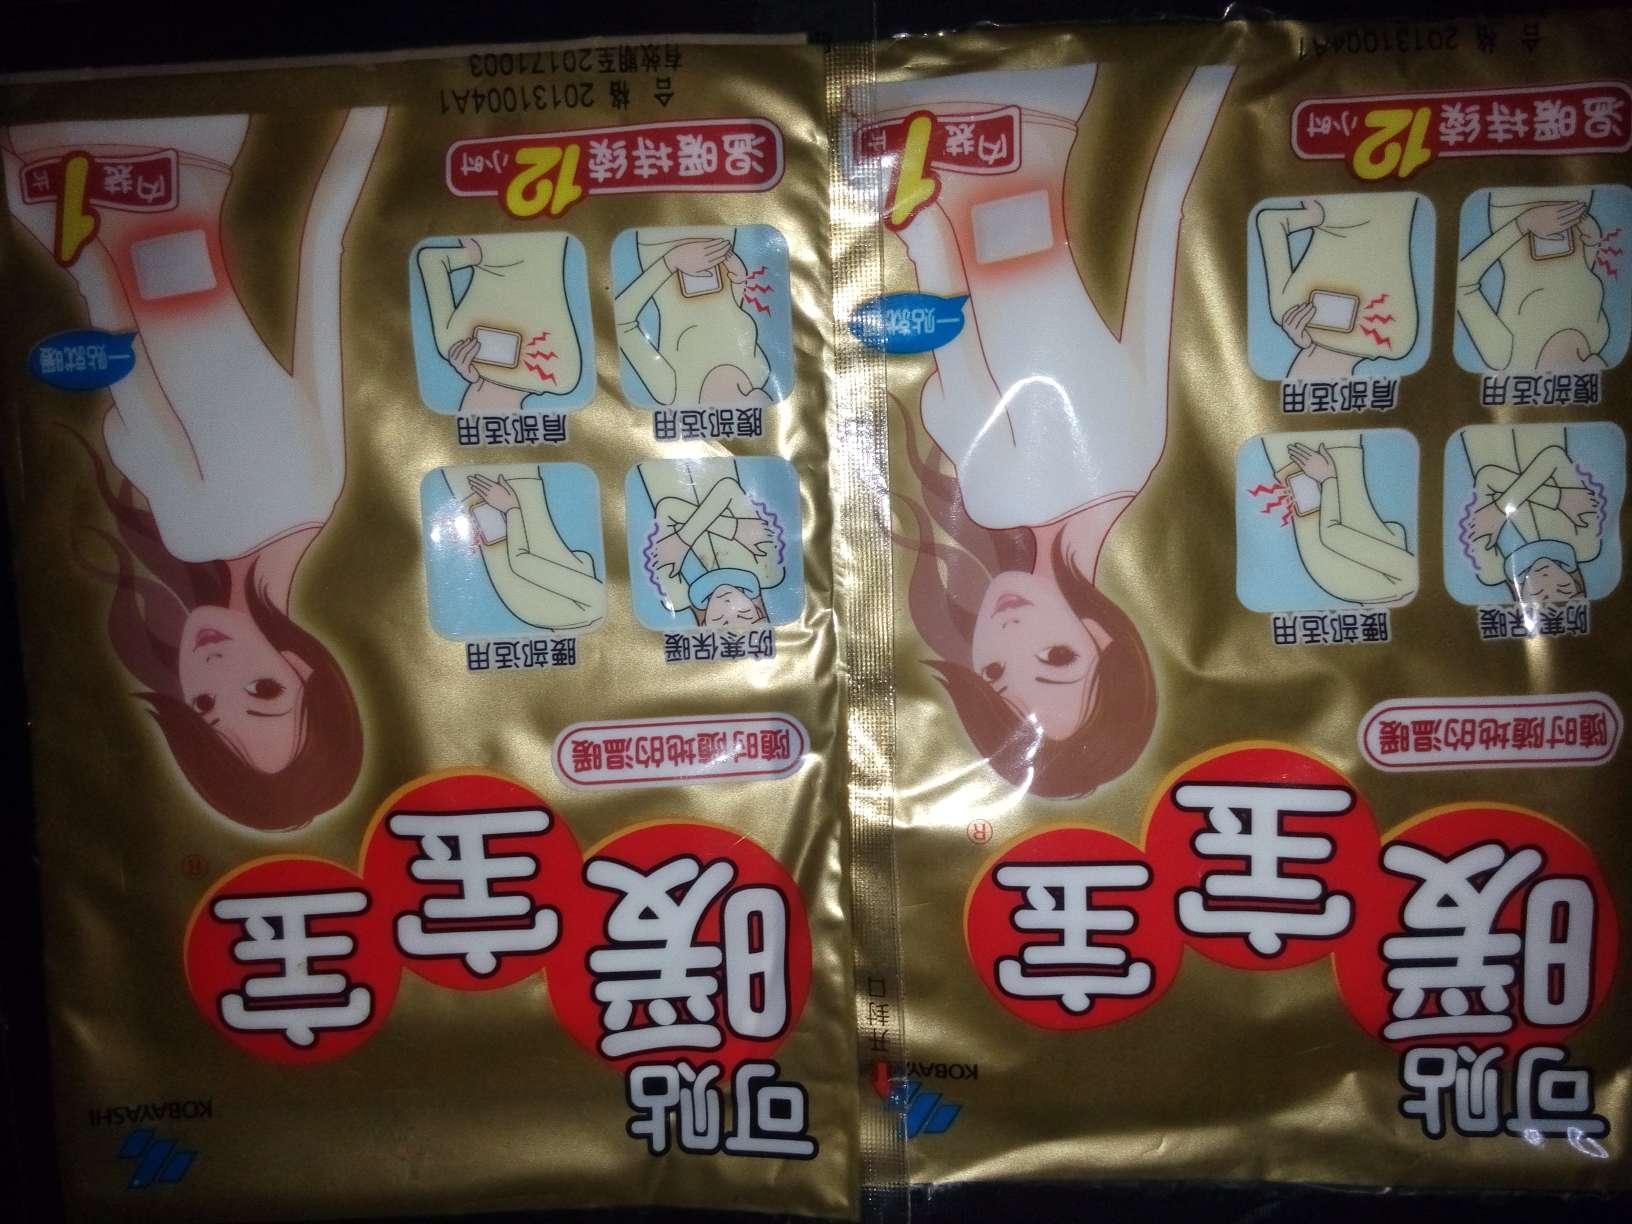 air yeezy 1 tan 00944640 women